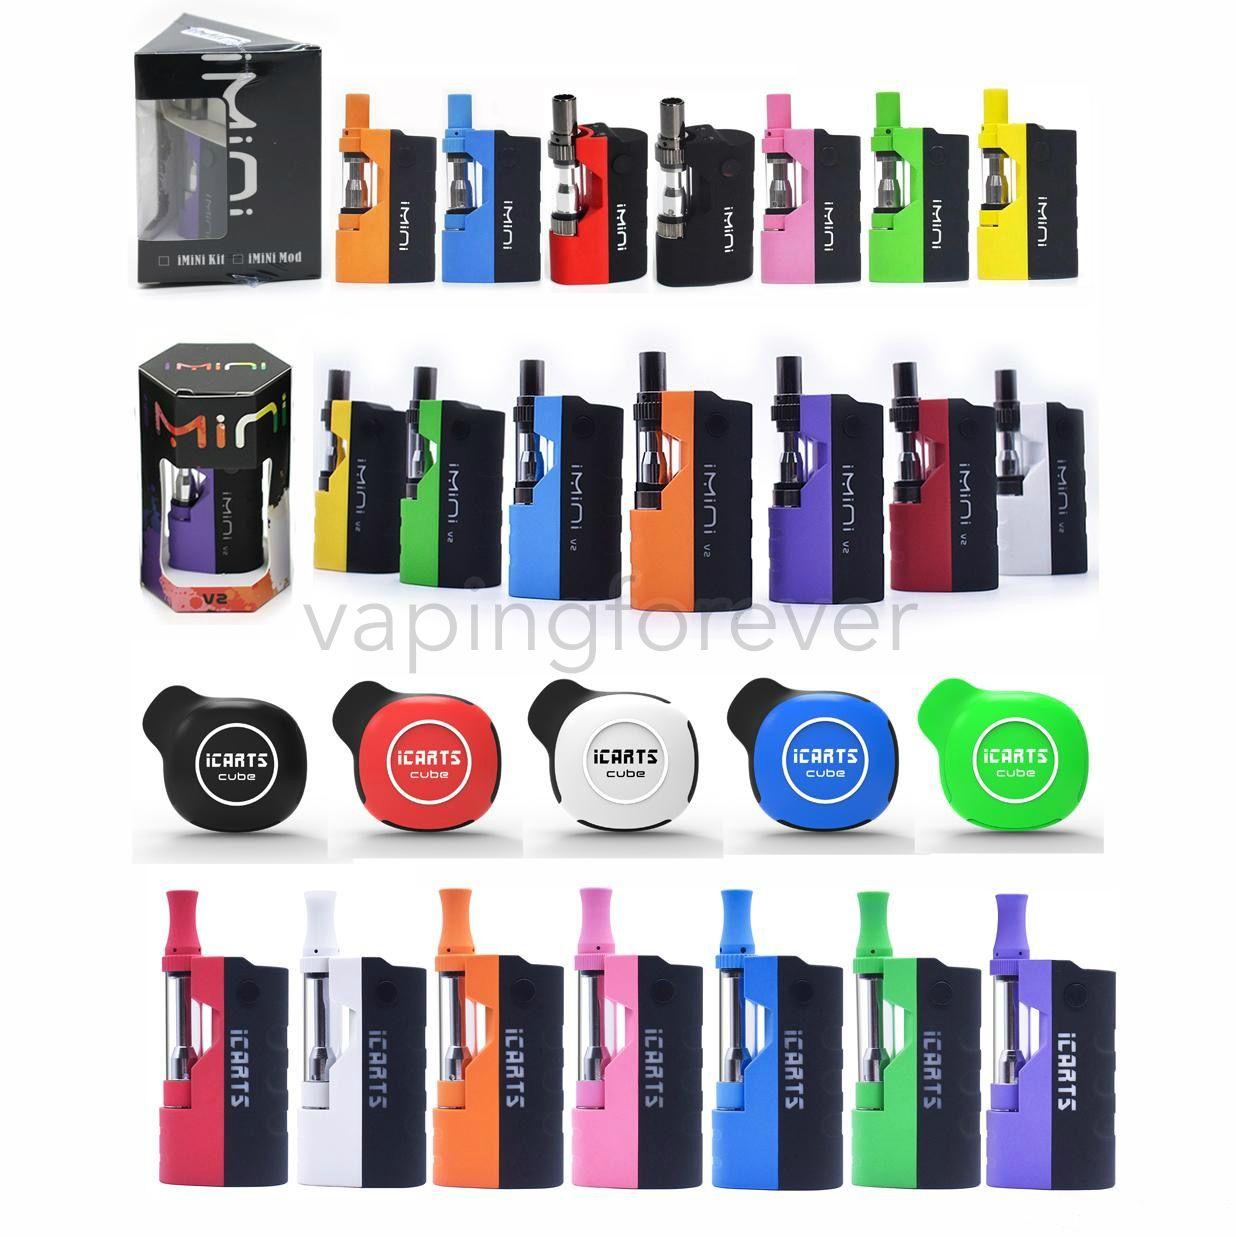 Original E Cigarette Box Mod Kit Imini V1 Imini V2 iCarts Cubo iCarts V2 Kit Completo Vape Mod Kit Várias Cores Disponíveis